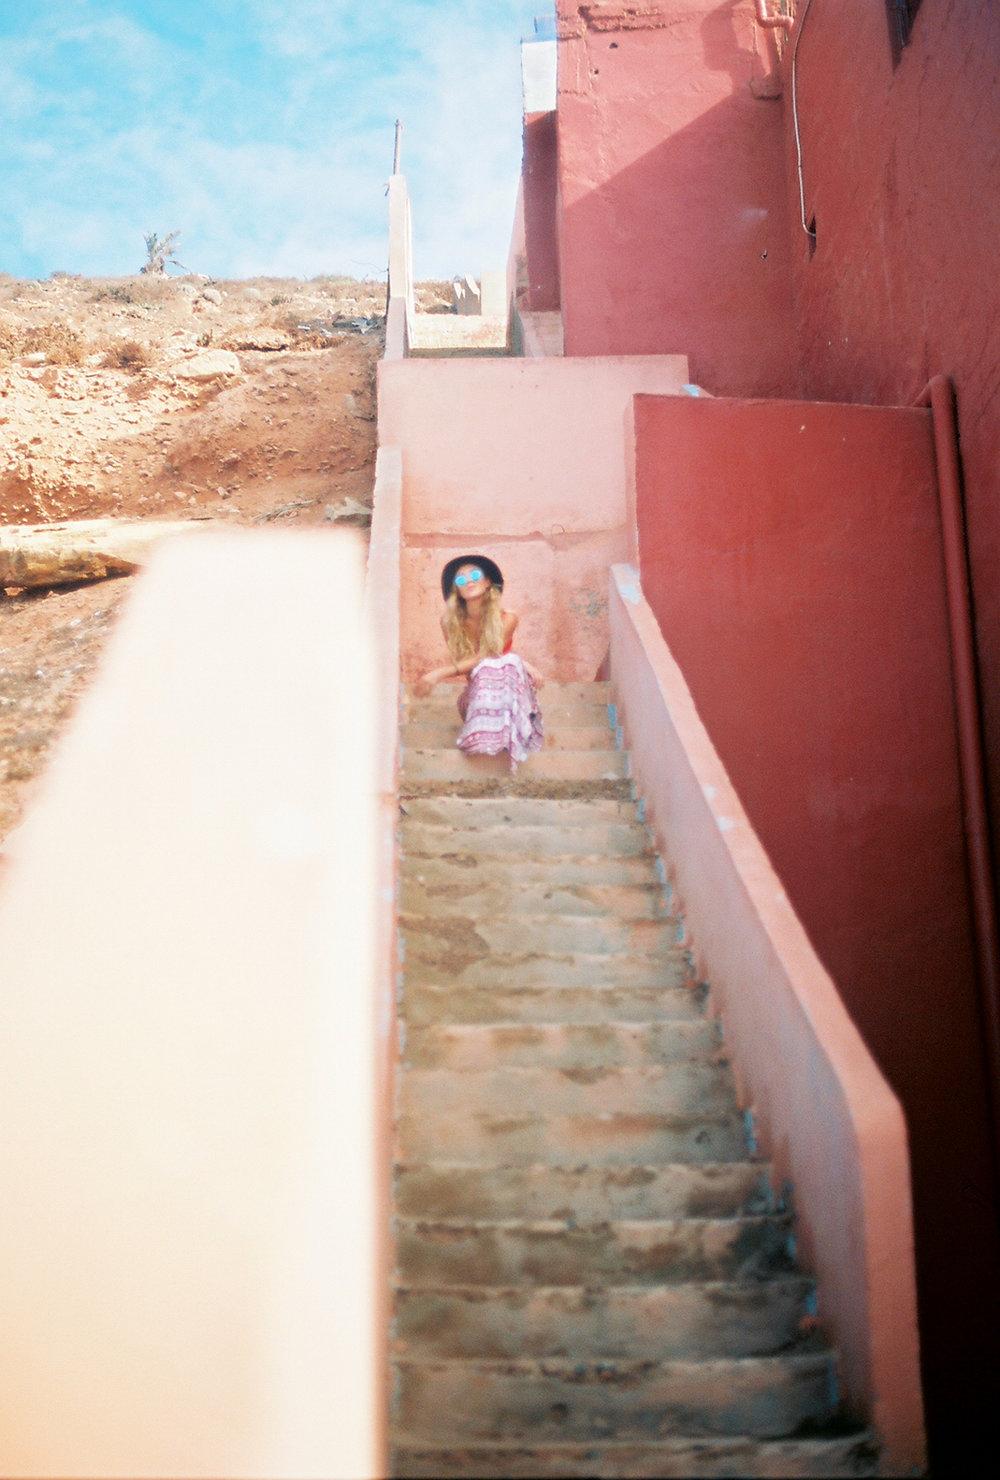 Maroc_02_edit.jpg